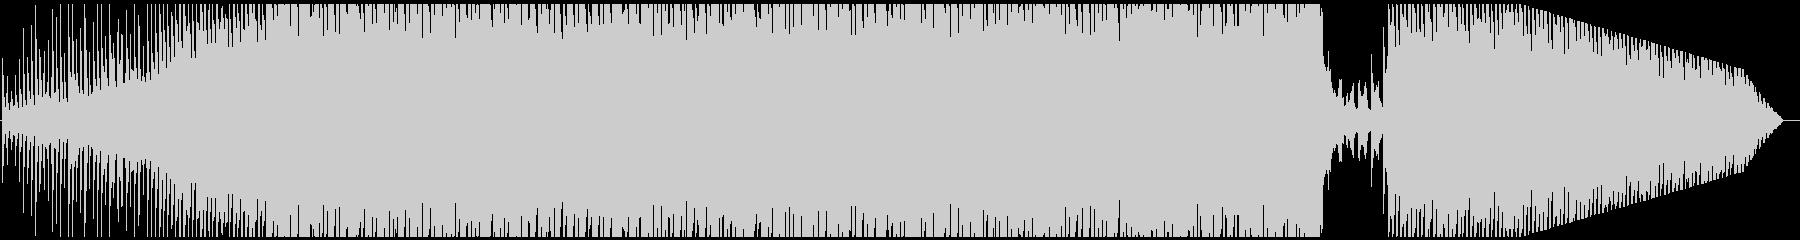 アンビエントエレクトロ。きらめくク...の未再生の波形